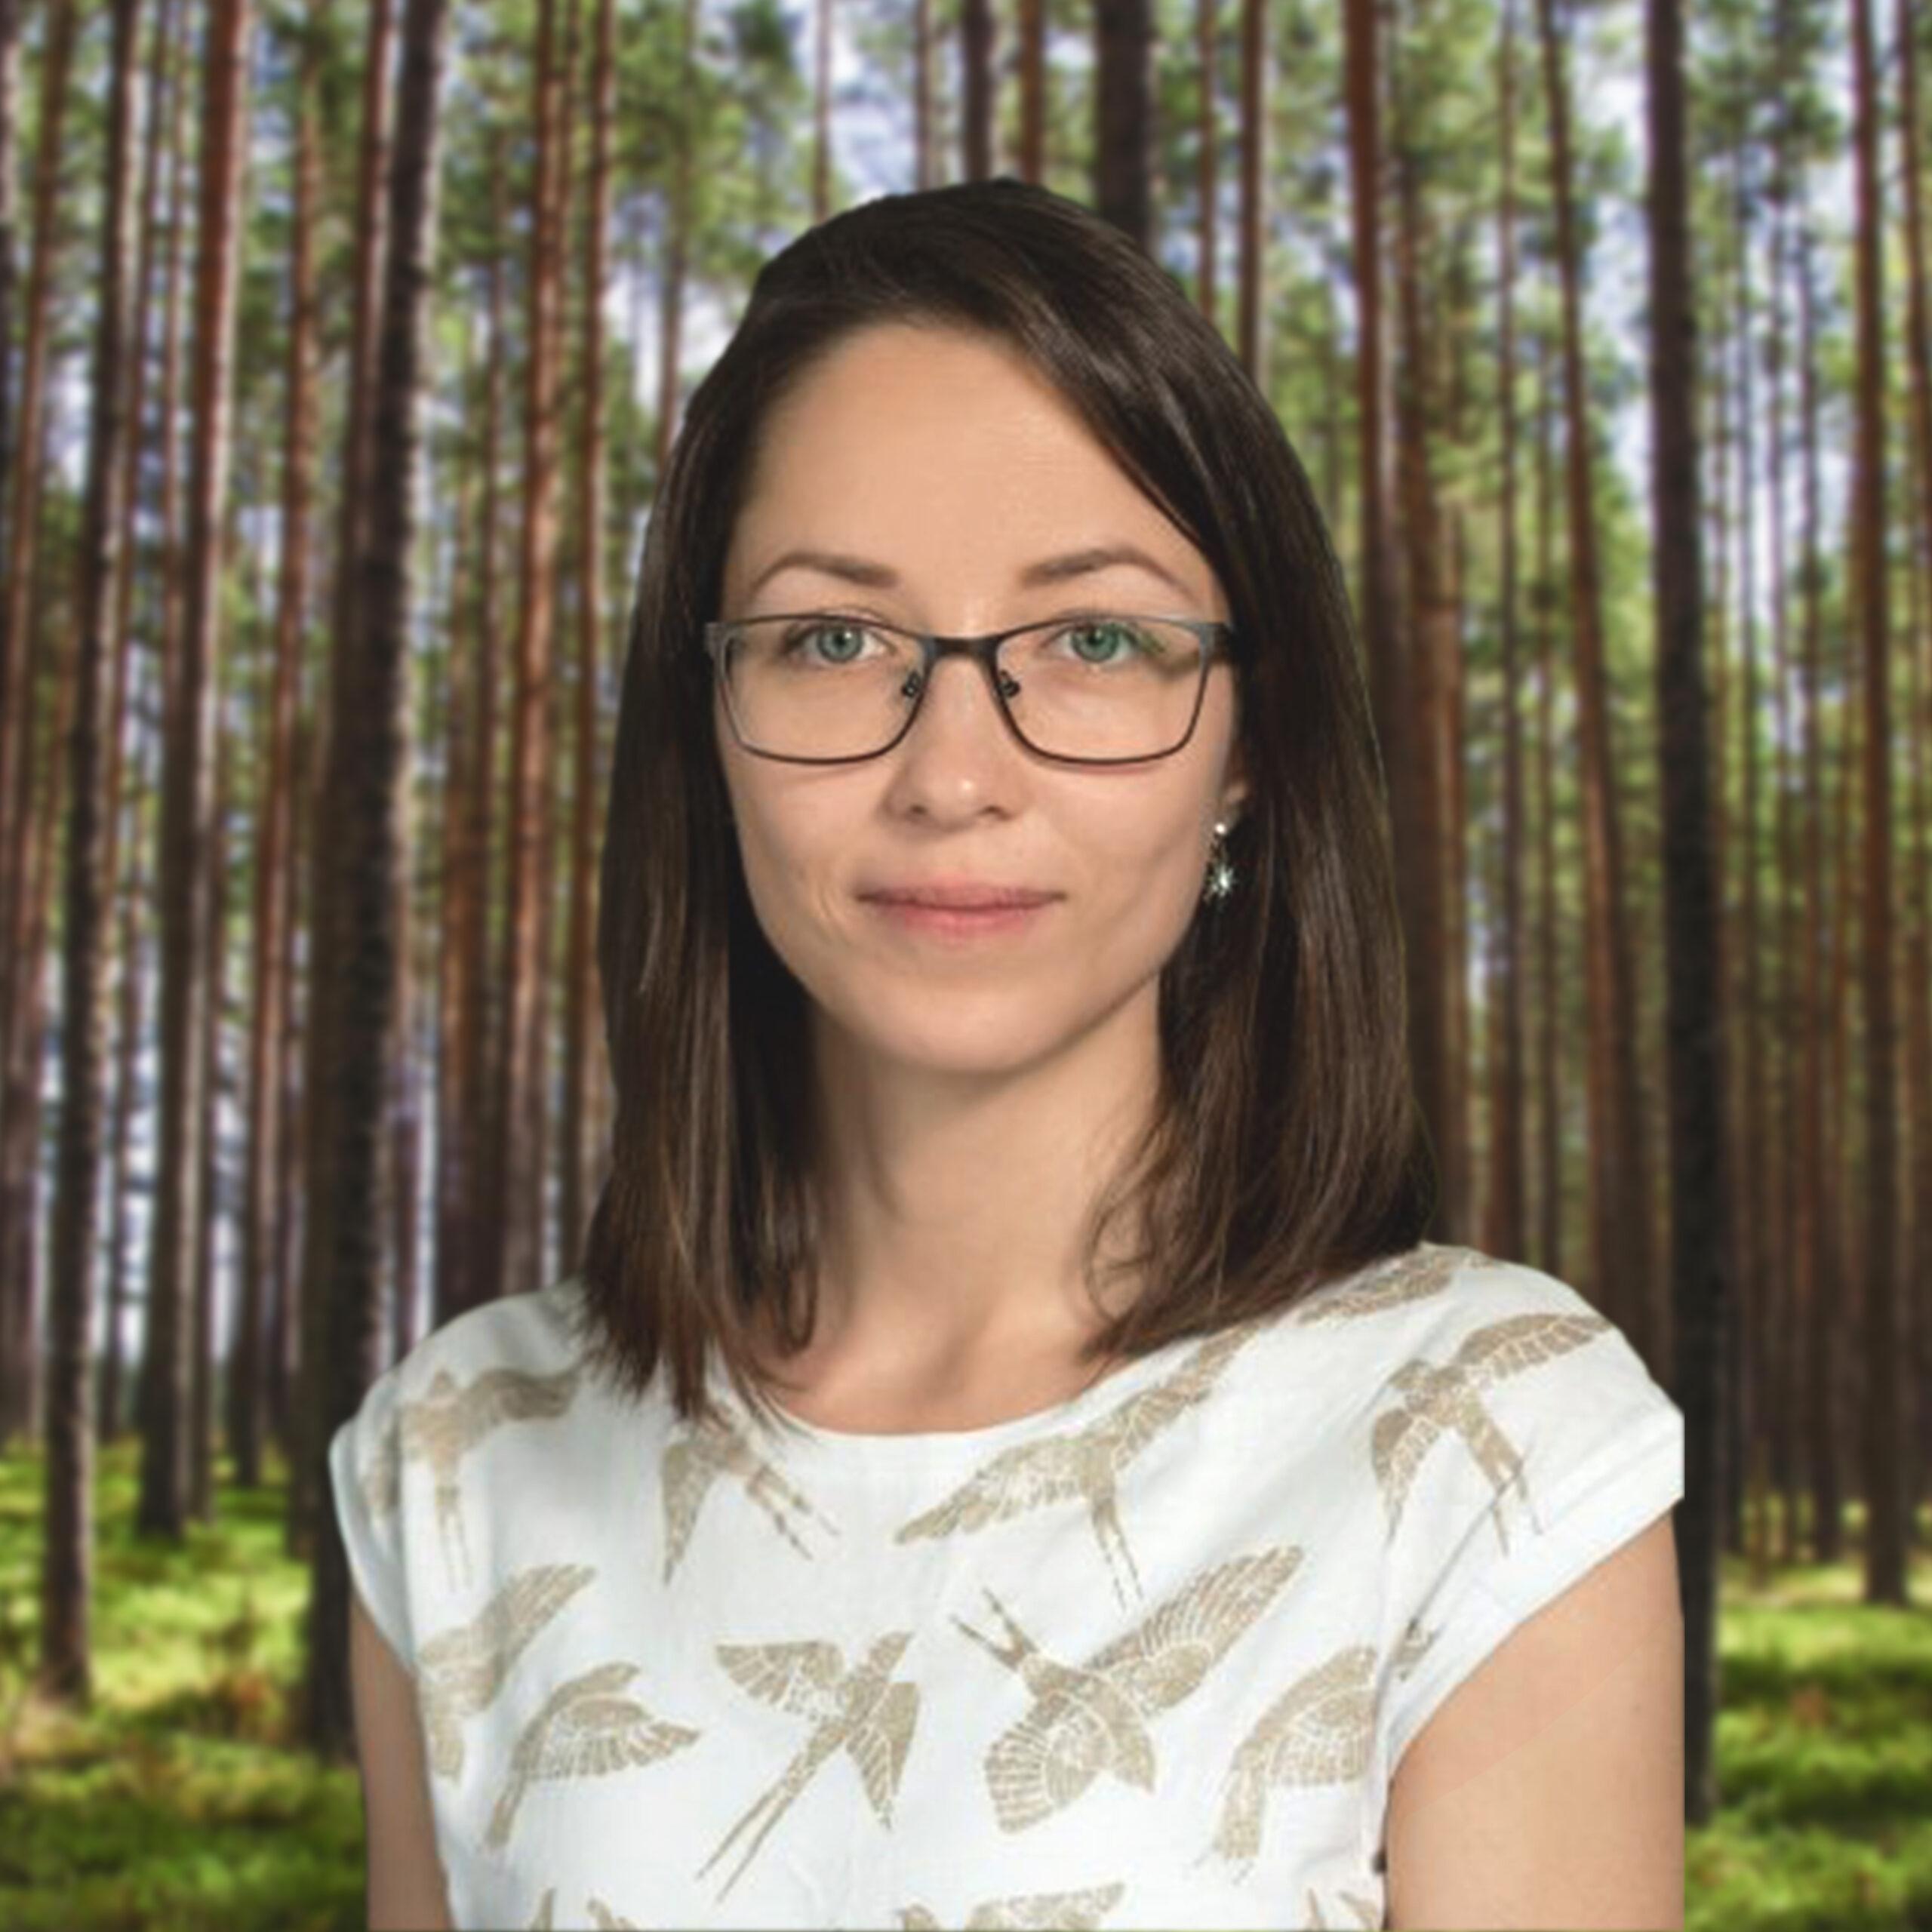 Nadezda Zhuravleva